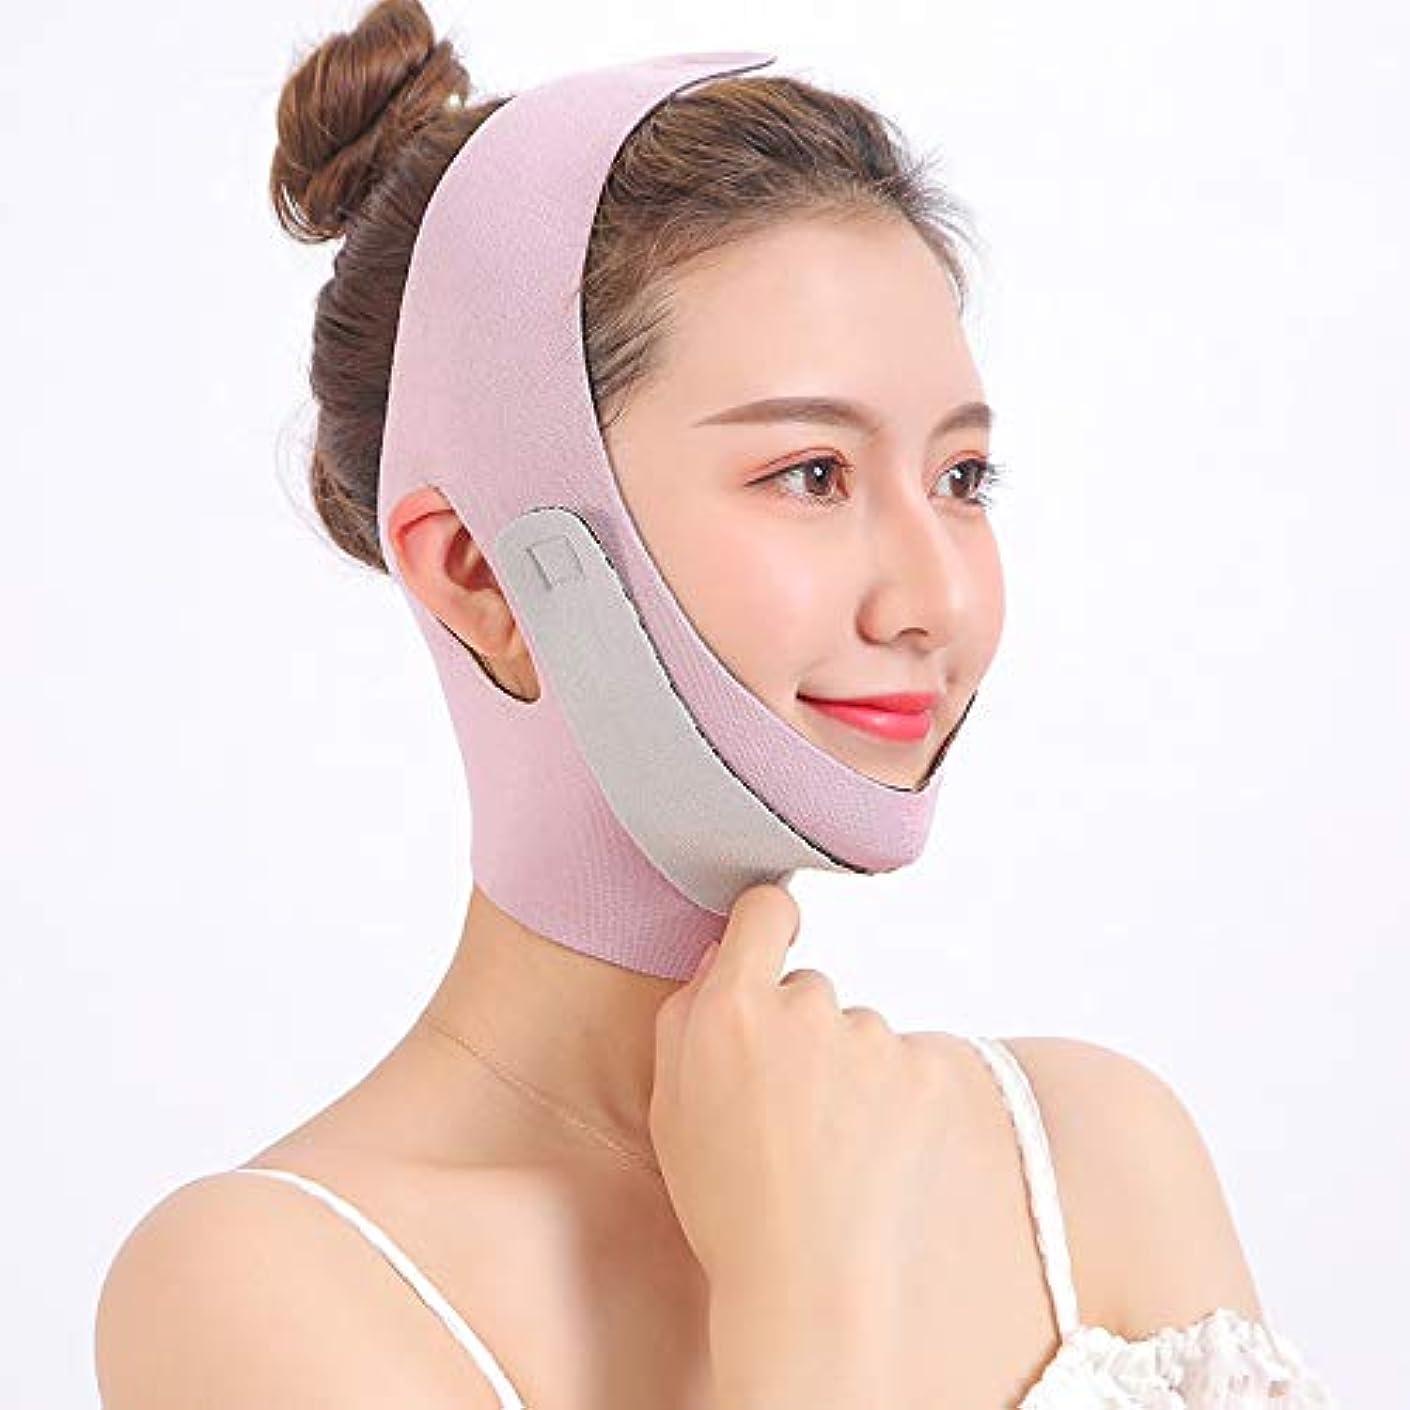 違反するホットブロック顔面重量損失顔包帯小さな v 顔薄いダブルあごリフトを引き締めアーティファクトシェーピングマスク睡眠フード薄い顔ベルト